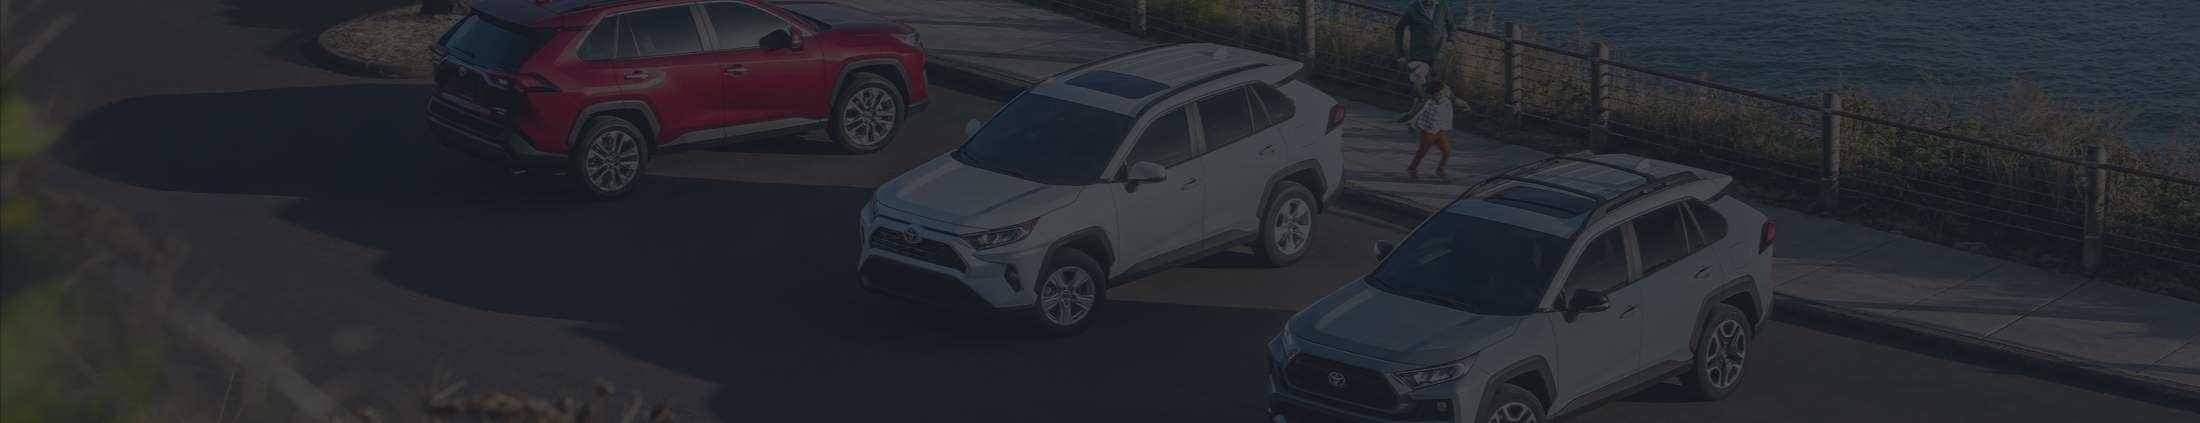 RAV4 et <br /> RAV4 hybride 2020